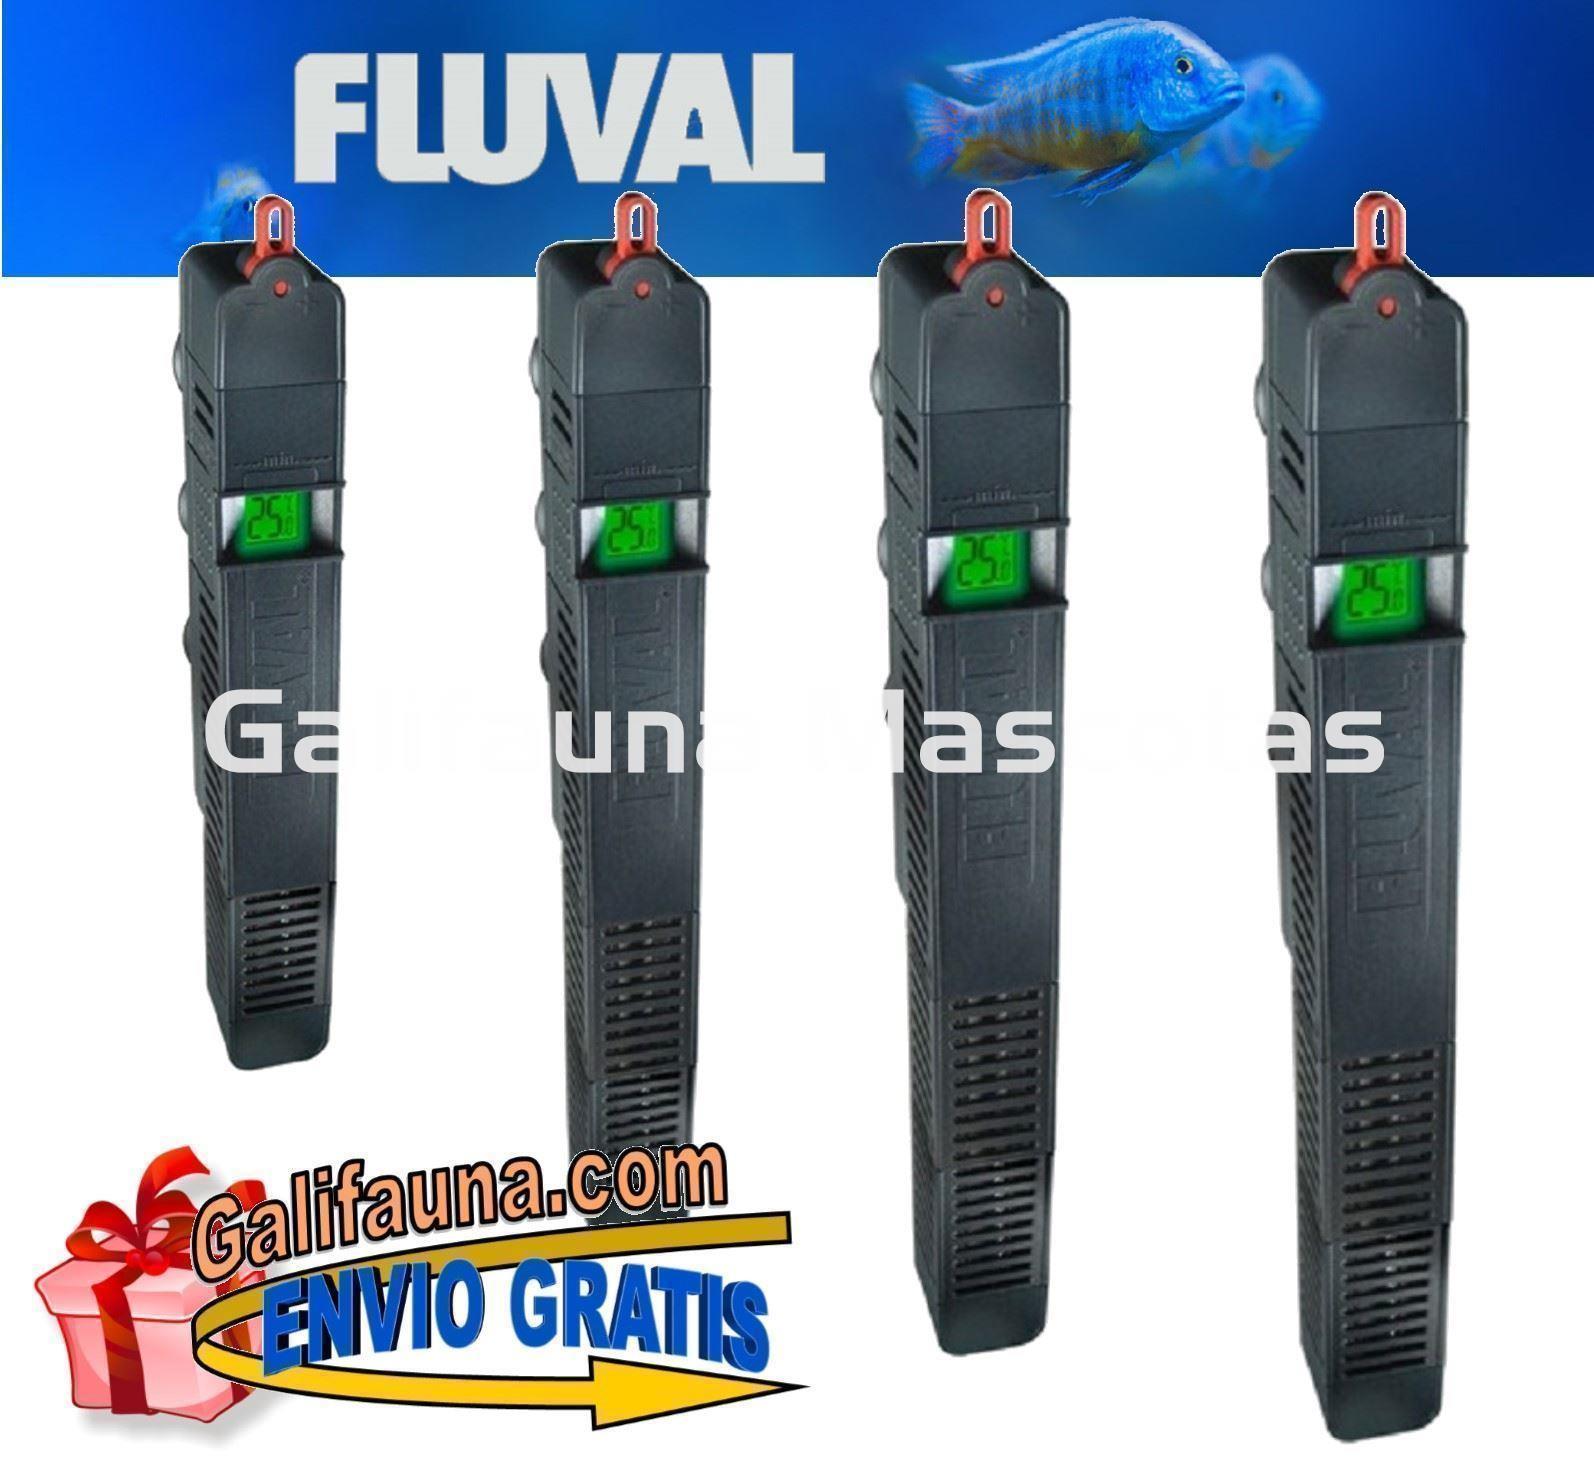 Artículos Para Animales Calentadores Y Enfriadores Fluval Calentador ElectrÓnico M 200w Acuario Agua Dulce Y Marino